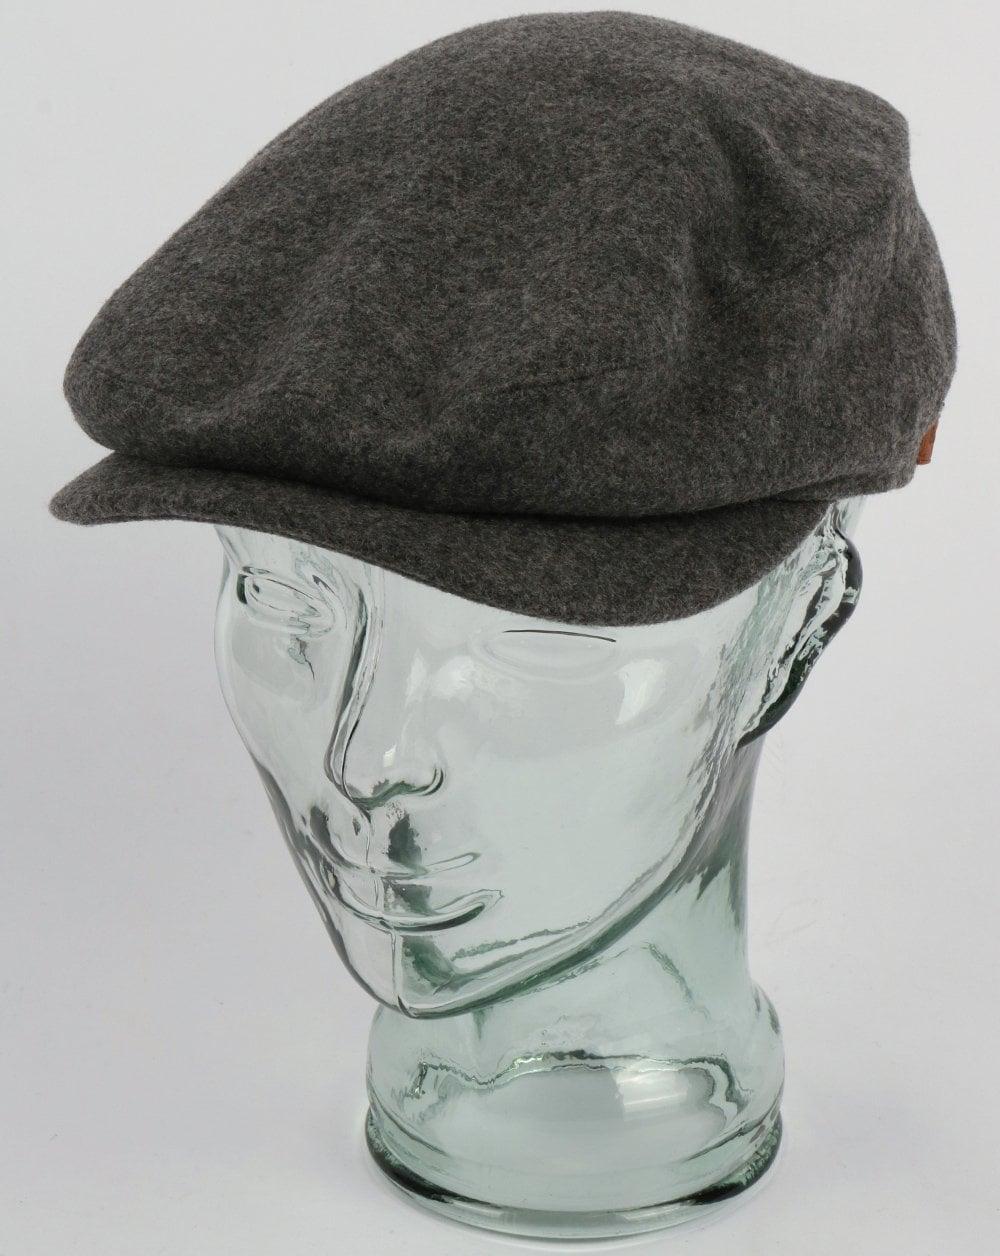 60ac64de Barbour Redshore Flat Cap Grey,wool,hat,heritage